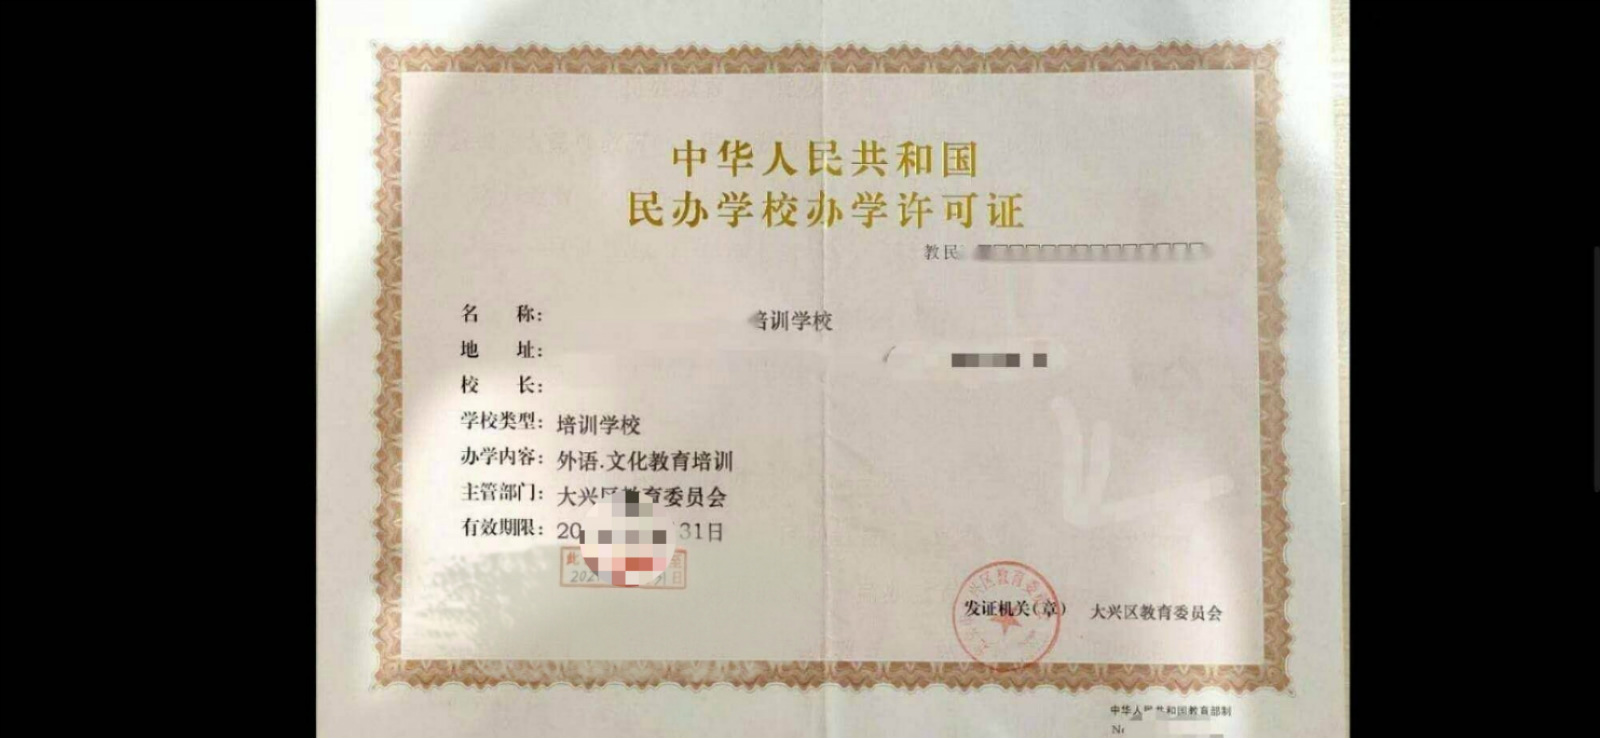 北京谷英语培训学校收购办理价格